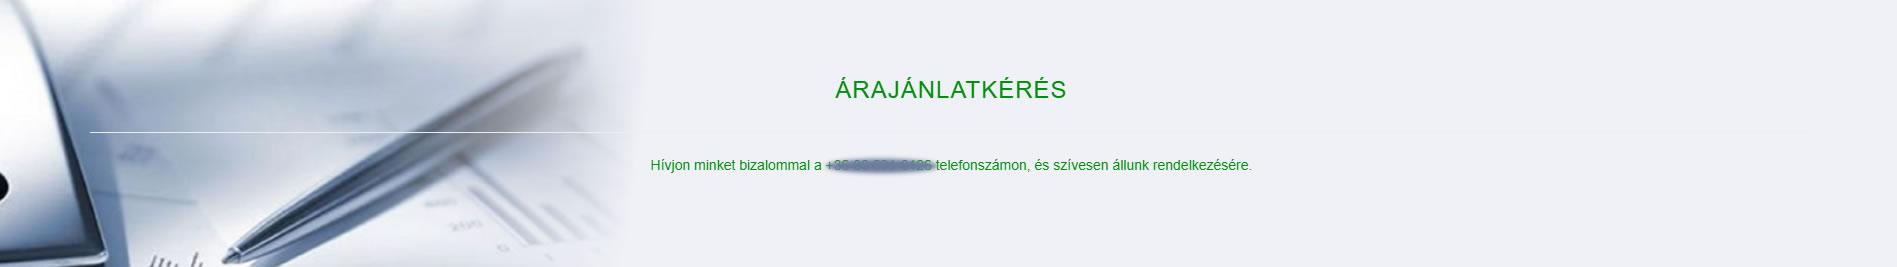 calltoaction a szövegben ajánlatkérés